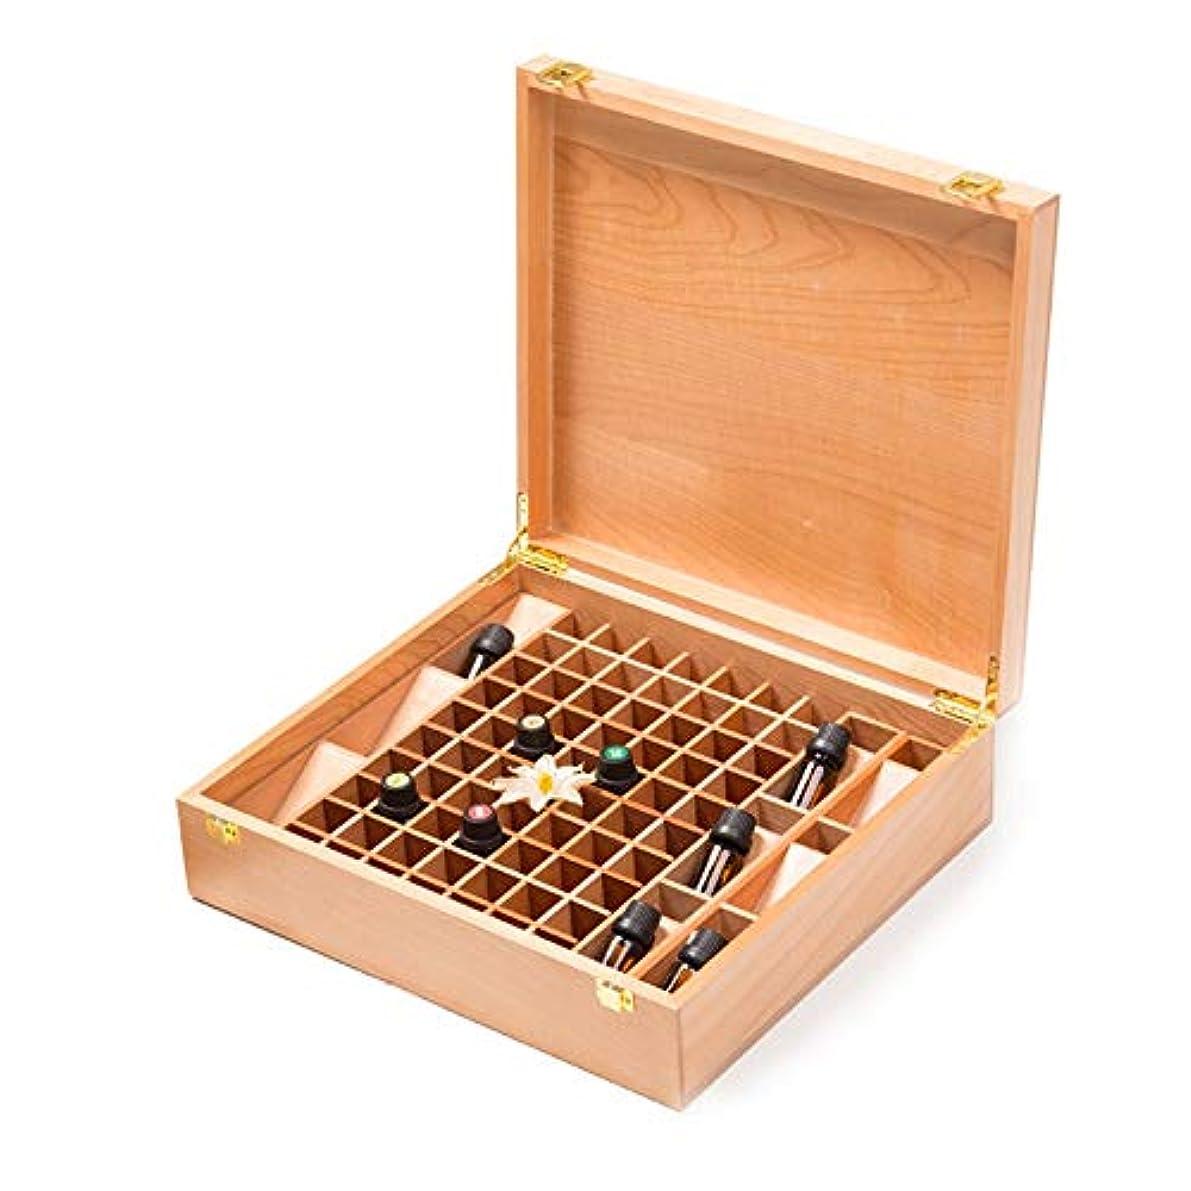 影響を受けやすいですエイズスイングエッセンシャルオイルの保管 手作りの木製エッセンシャルオイルストレージボックスパーフェクトエッセンシャルオイルのケースは、70の油のボトルを保持します (色 : Natural, サイズ : 44X31.5X10.5CM)